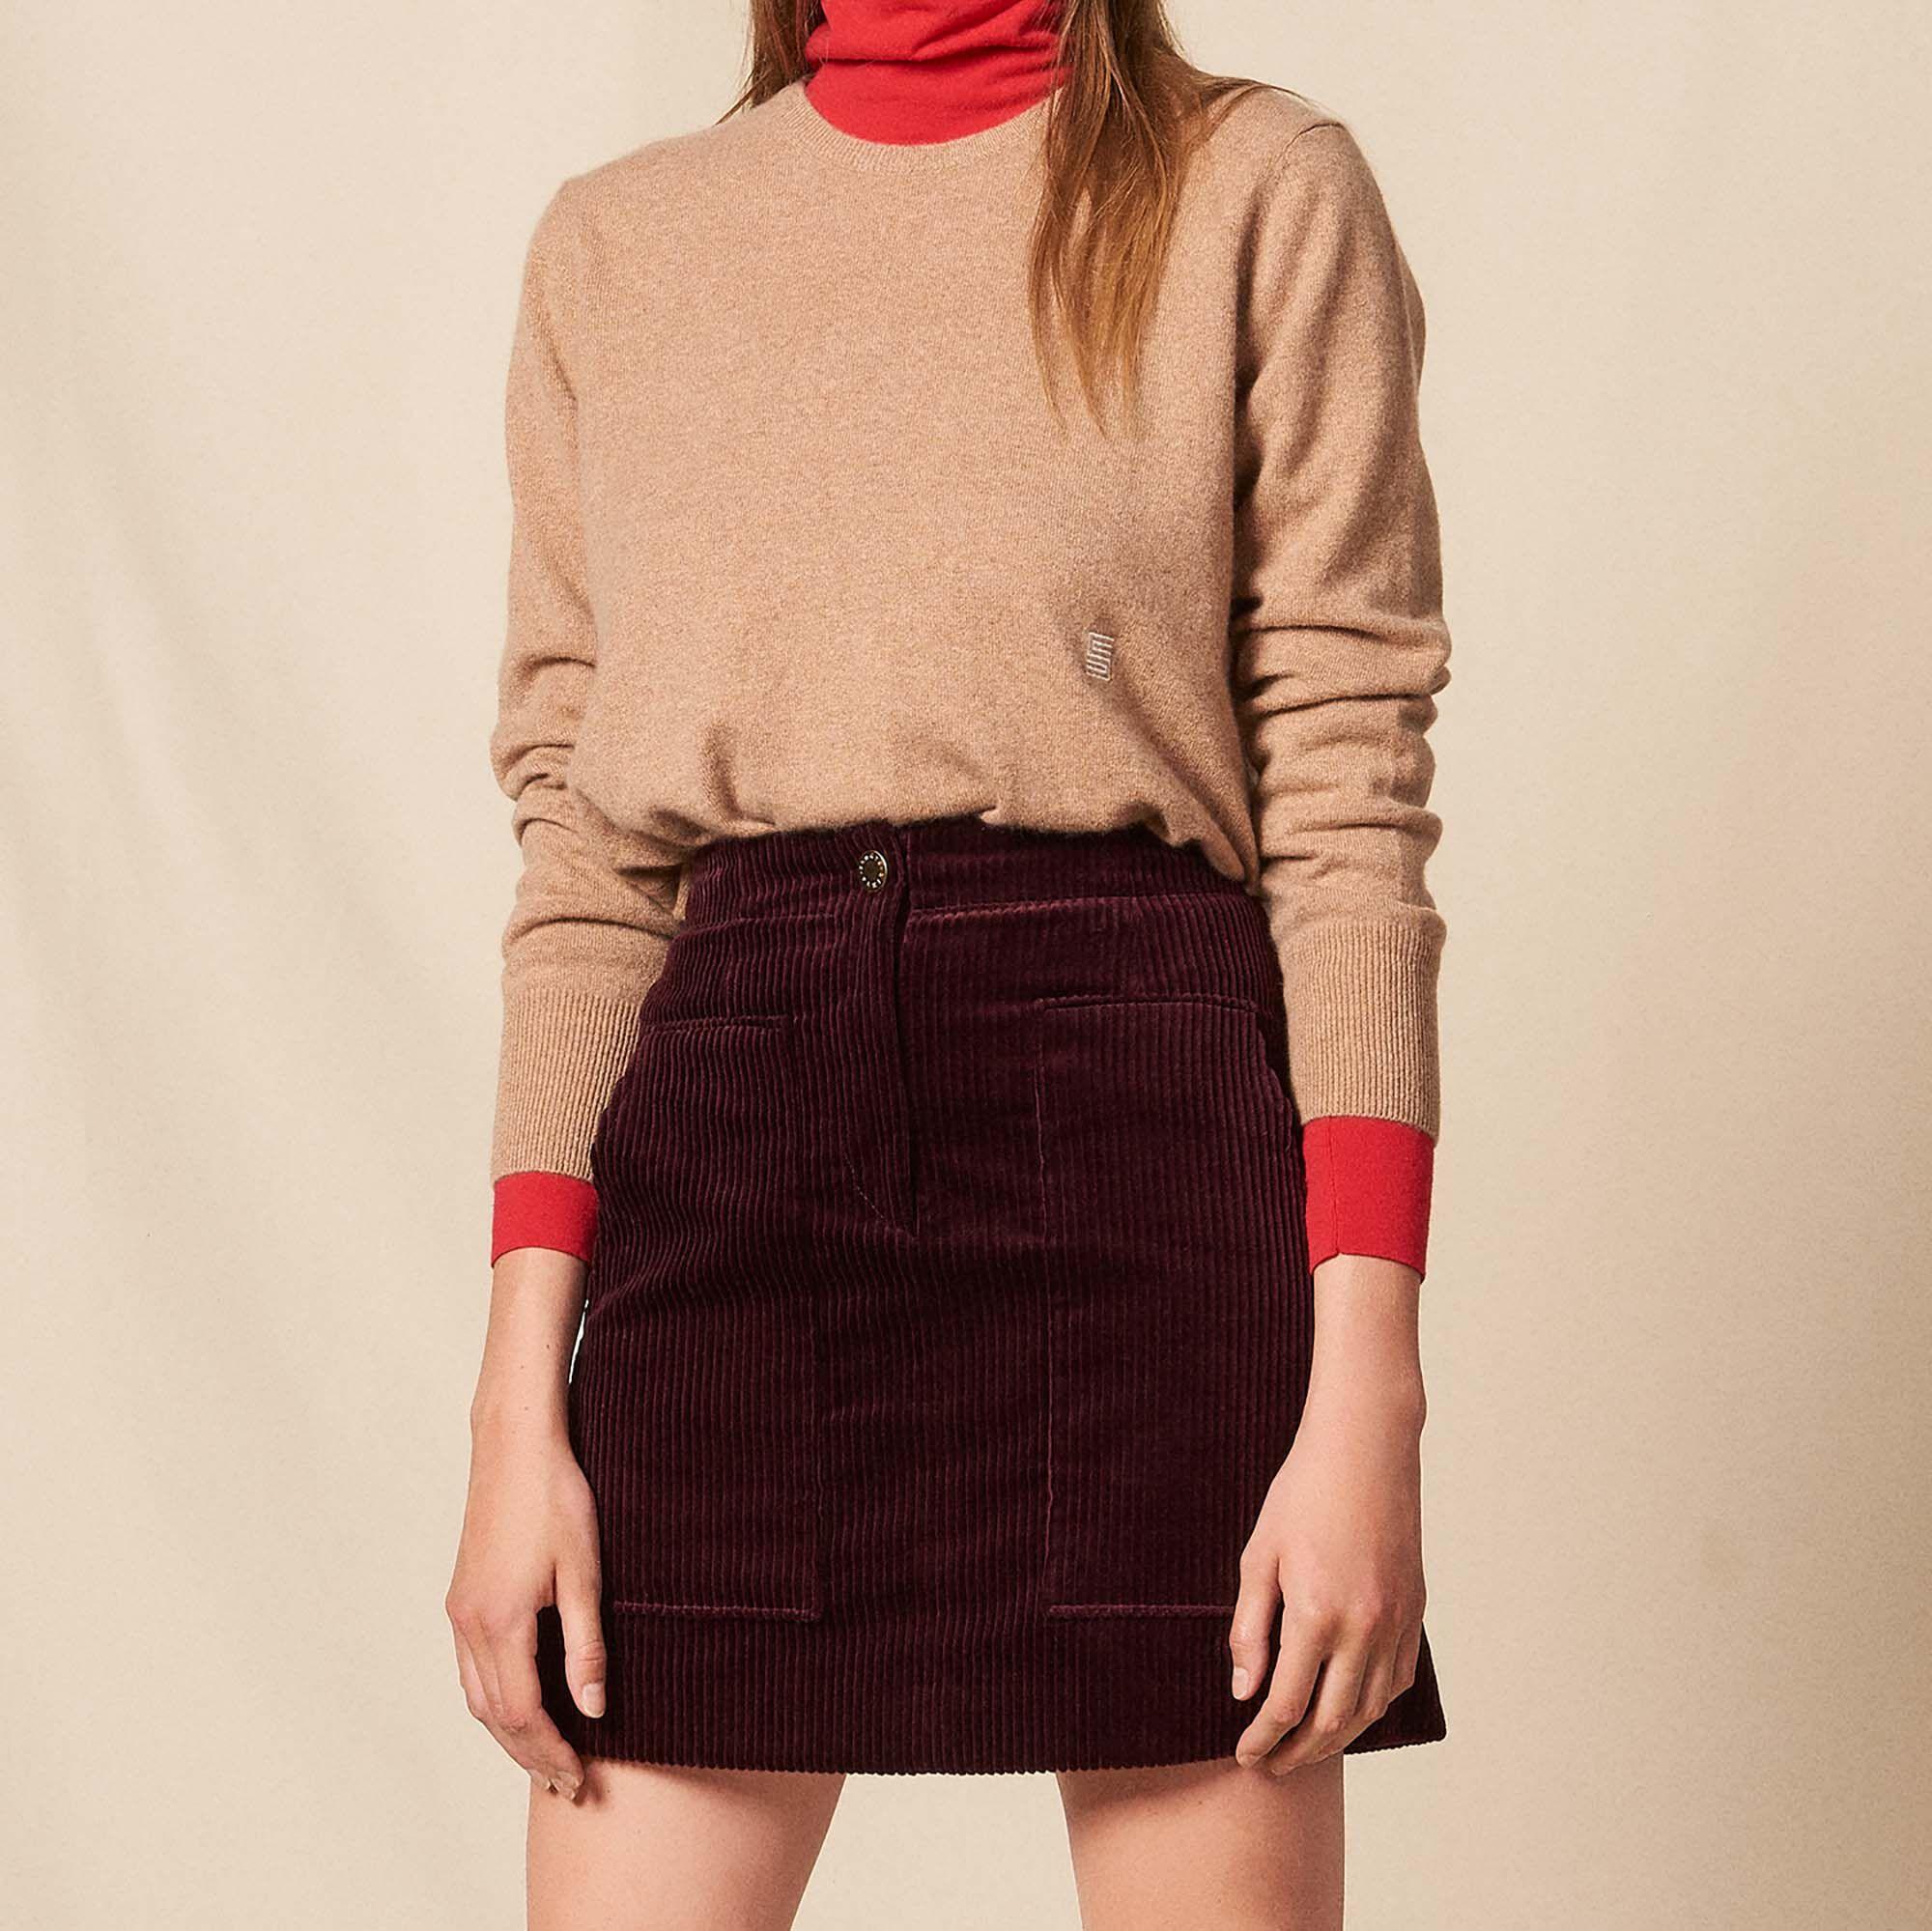 Jupesamp; La Collection DeSandro Shorts Pour Femme DIWHYE29